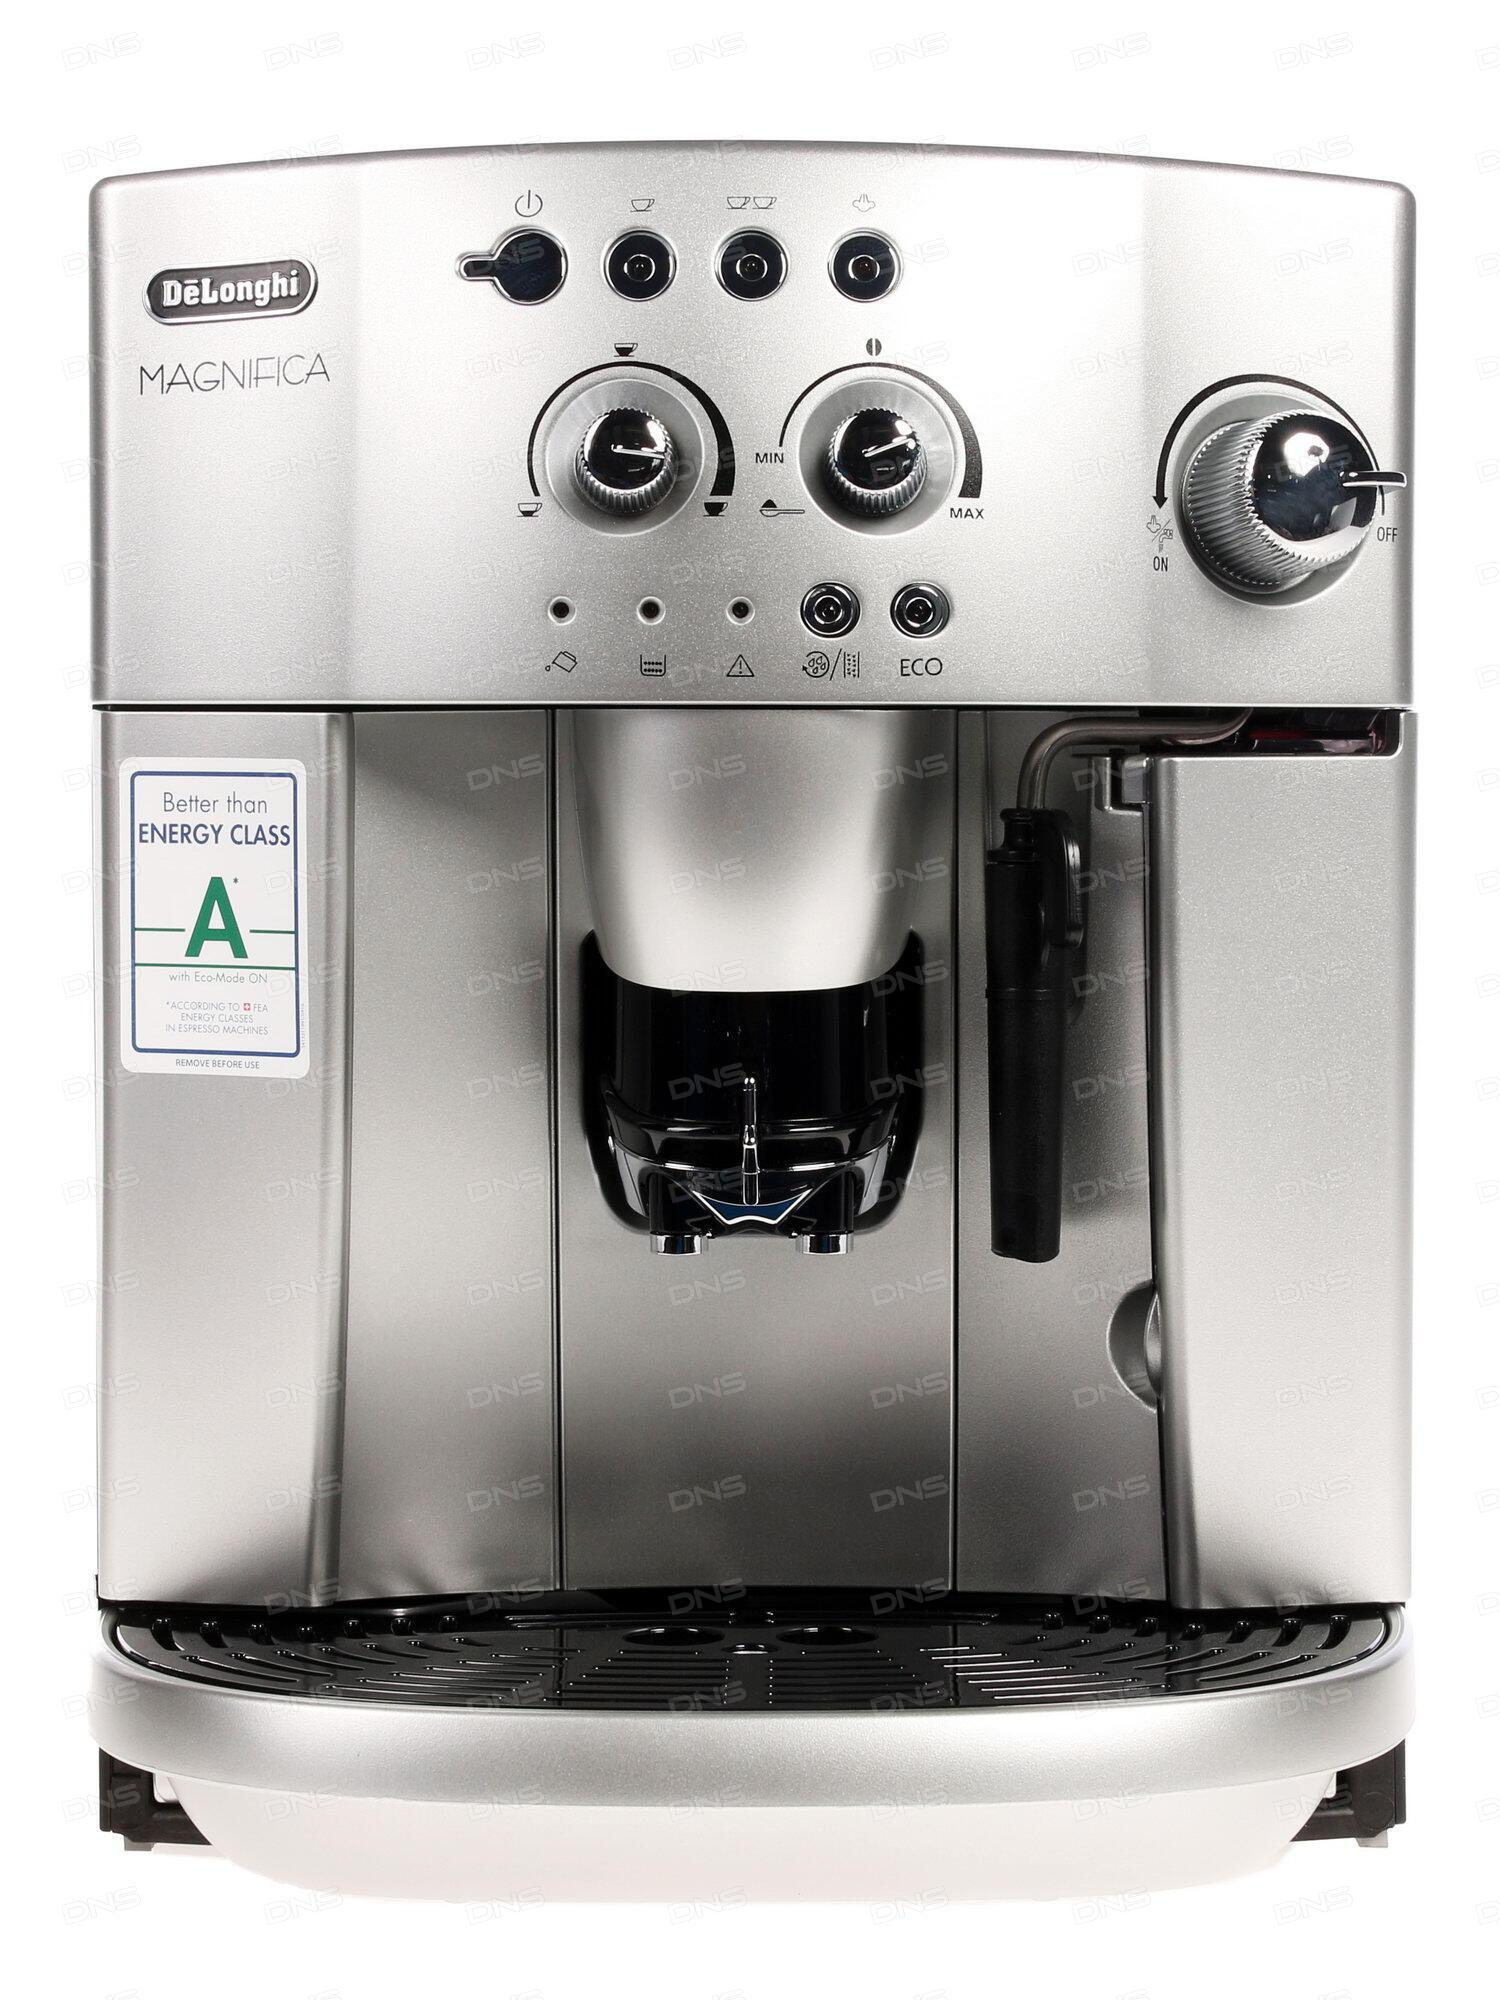 кофемашина делонги 4200 s инструкция